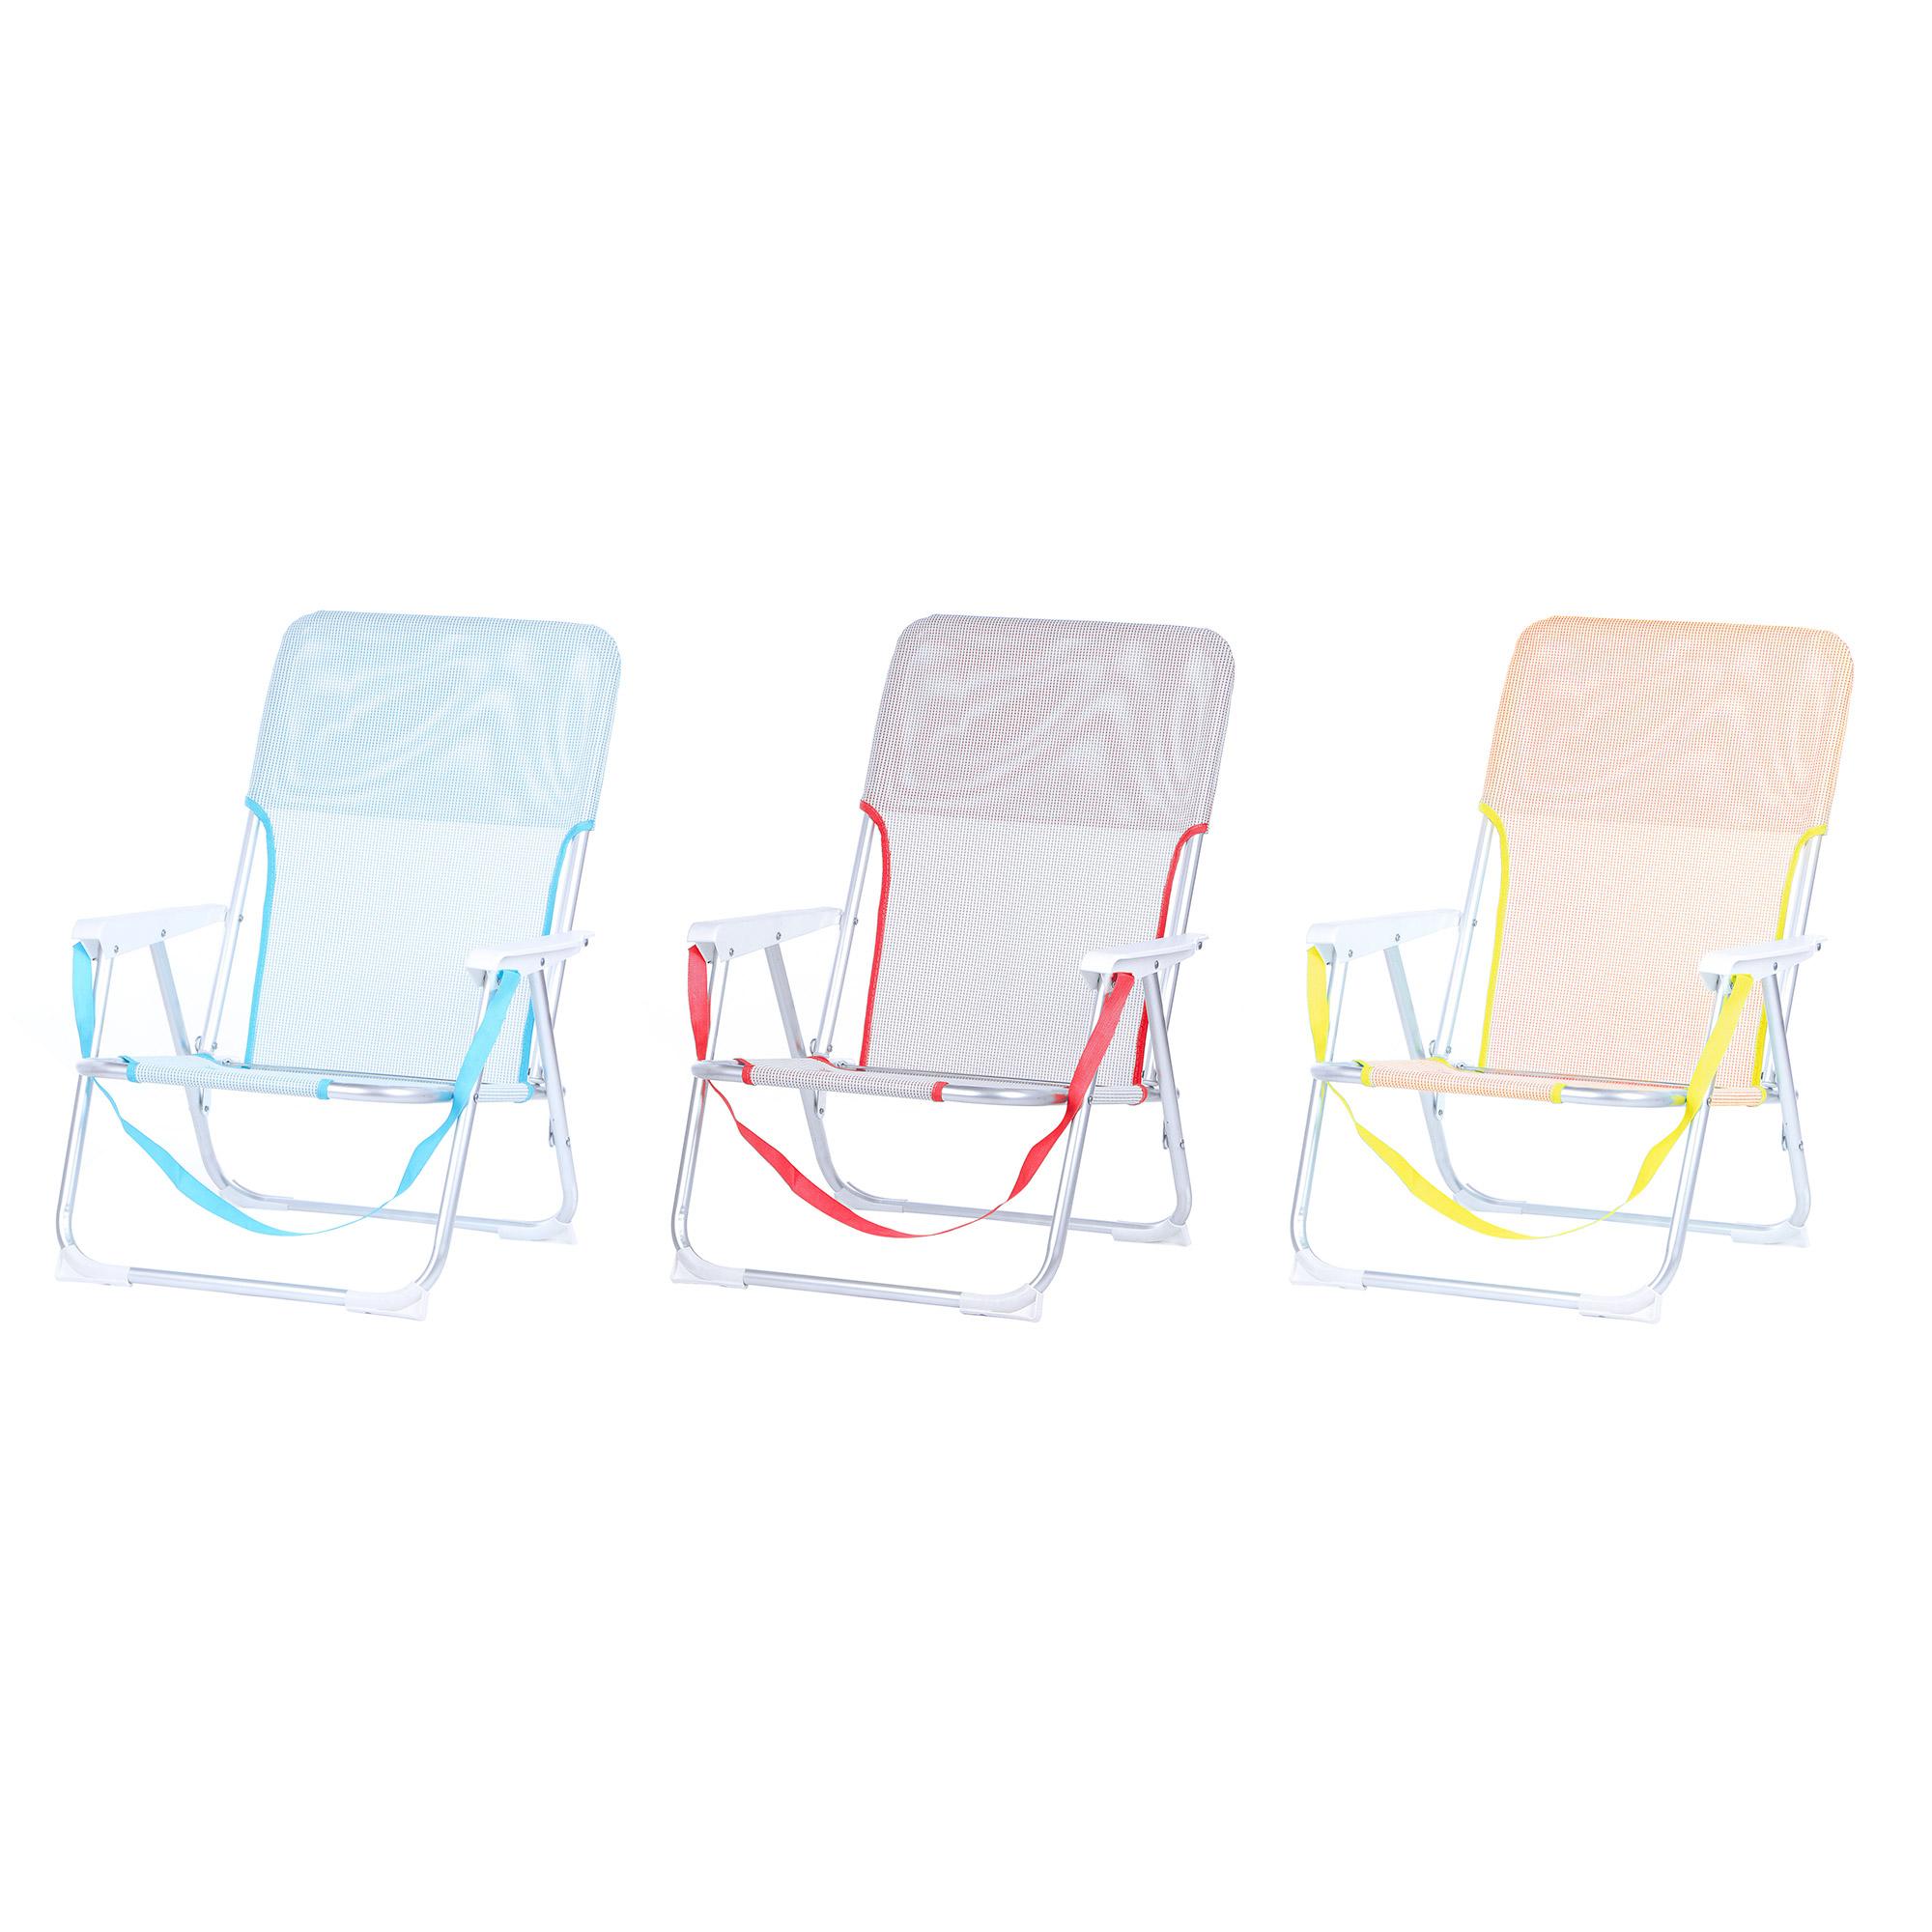 Кресло складное для кемпинга Koopman furniture 40x56x70cm кресло greenhouse hfc 058 складное